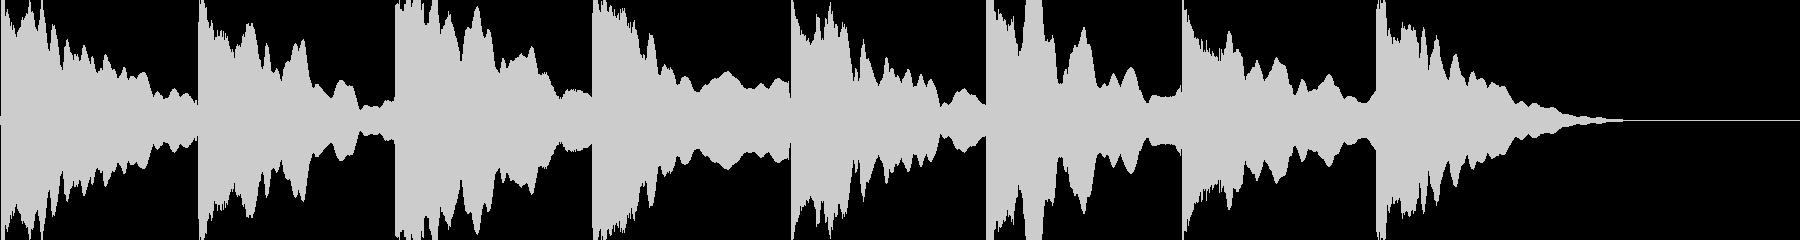 エレキギター クリーン ゆったりの未再生の波形